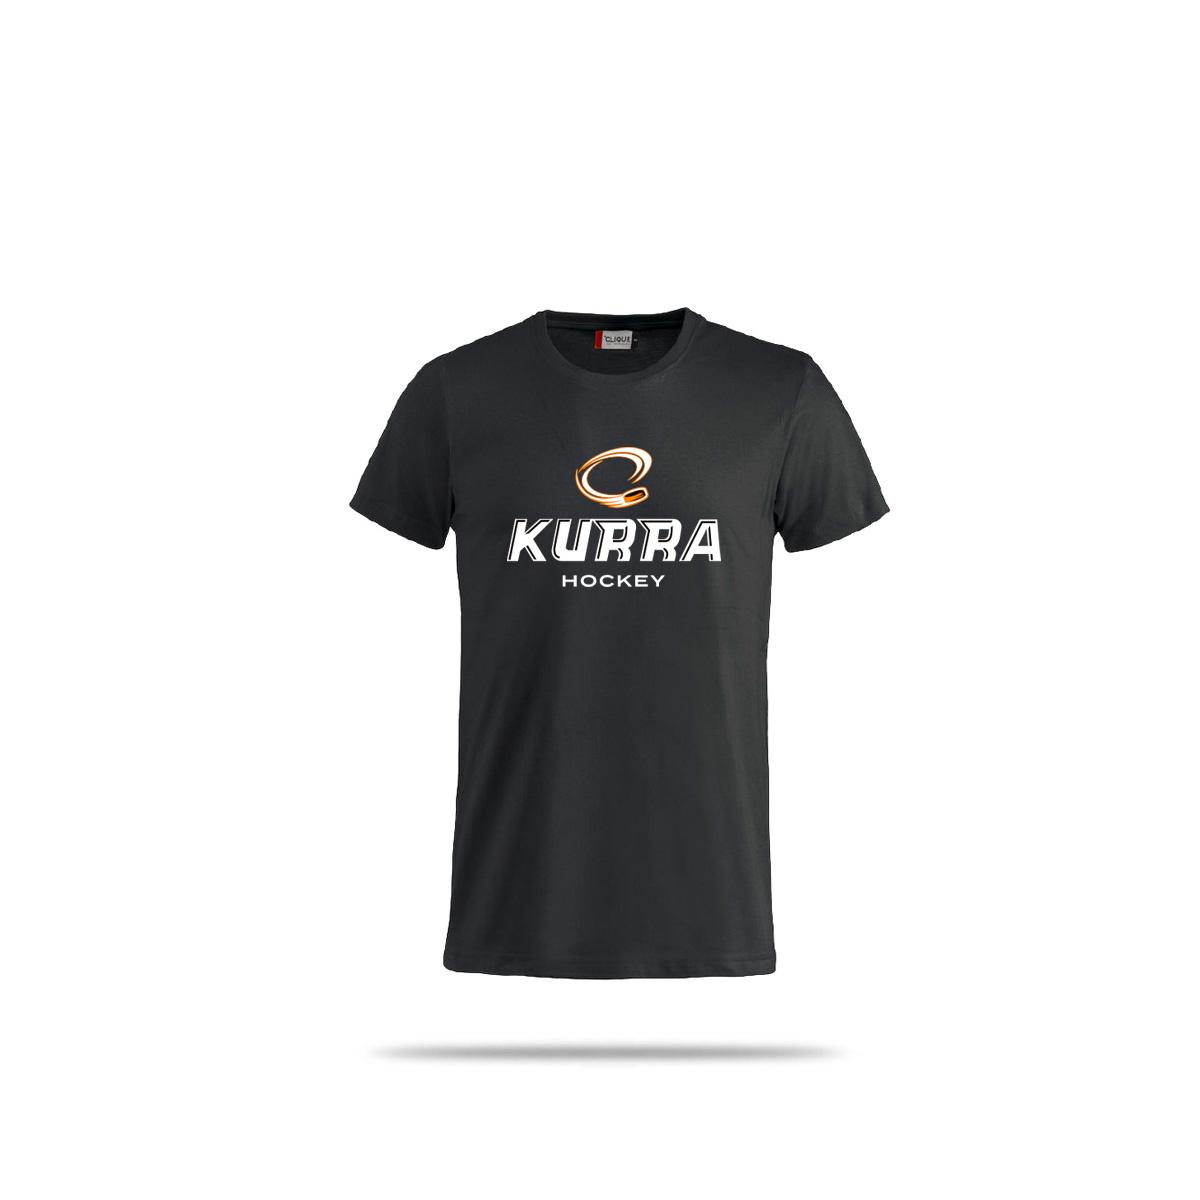 Kurra-Text-3025-musta